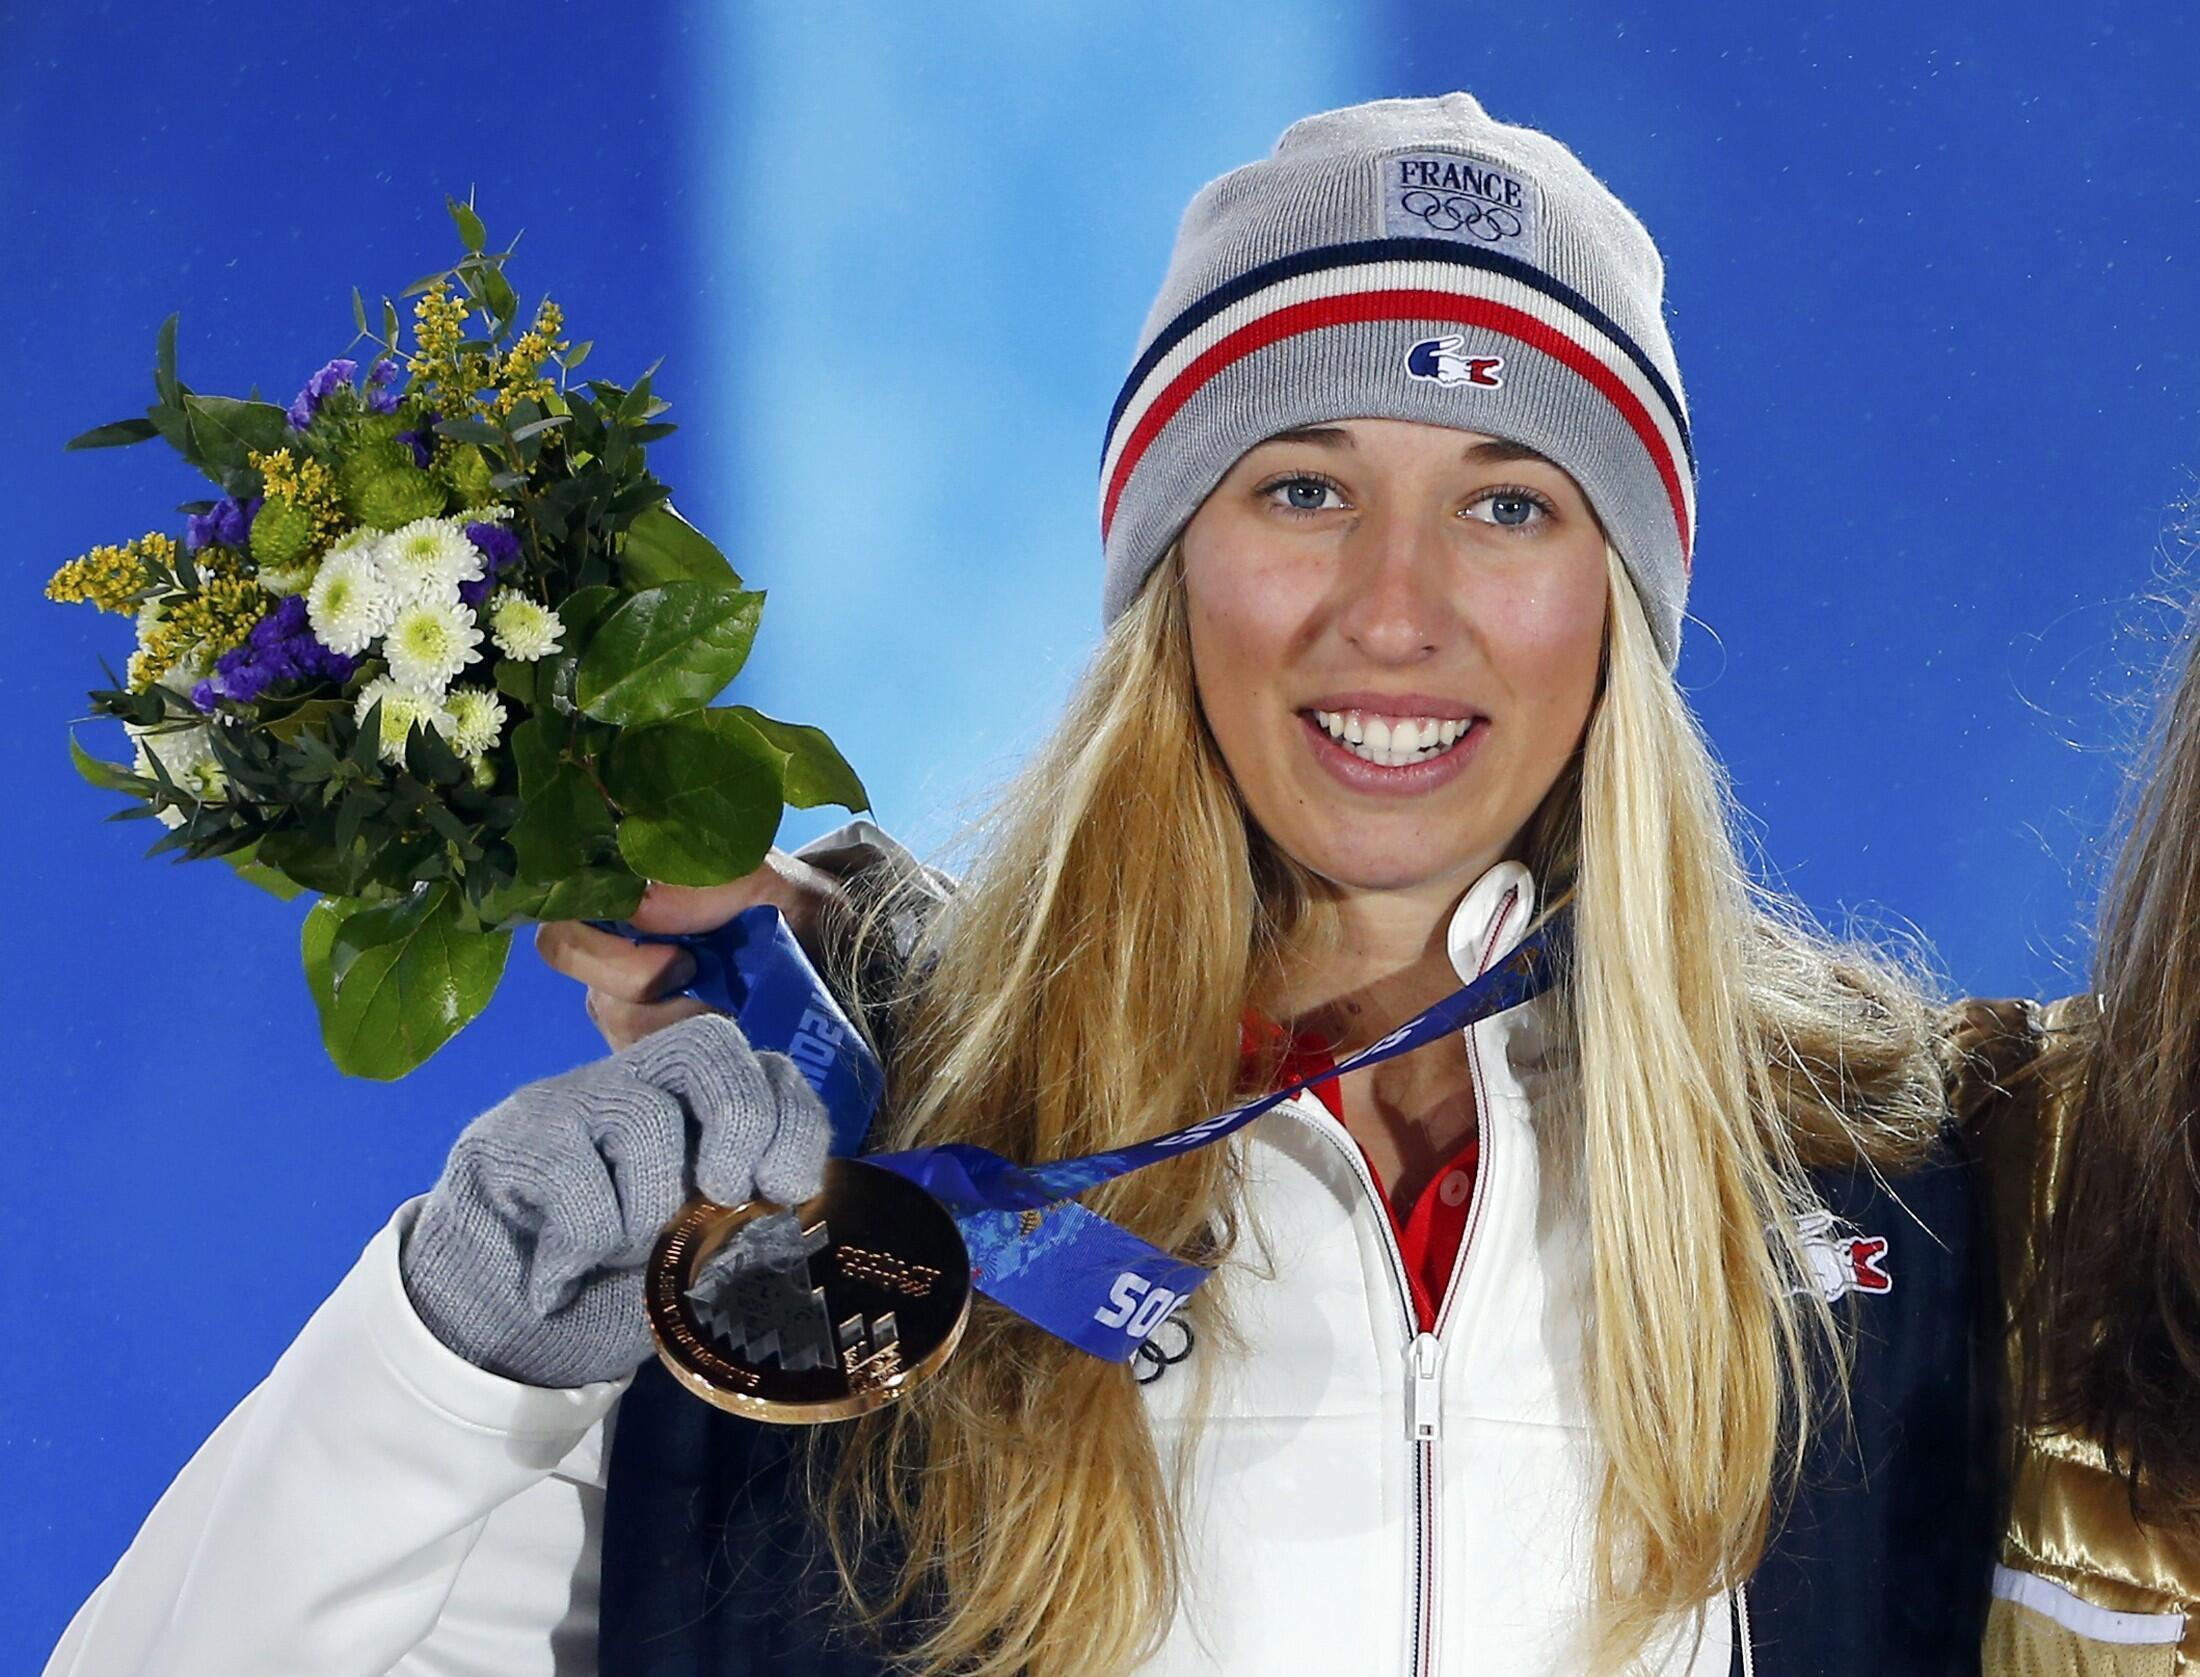 19-летняя Клоэ Треспёш - бронзовая медалистка Сочи в сноуборде 16 февраля 2014